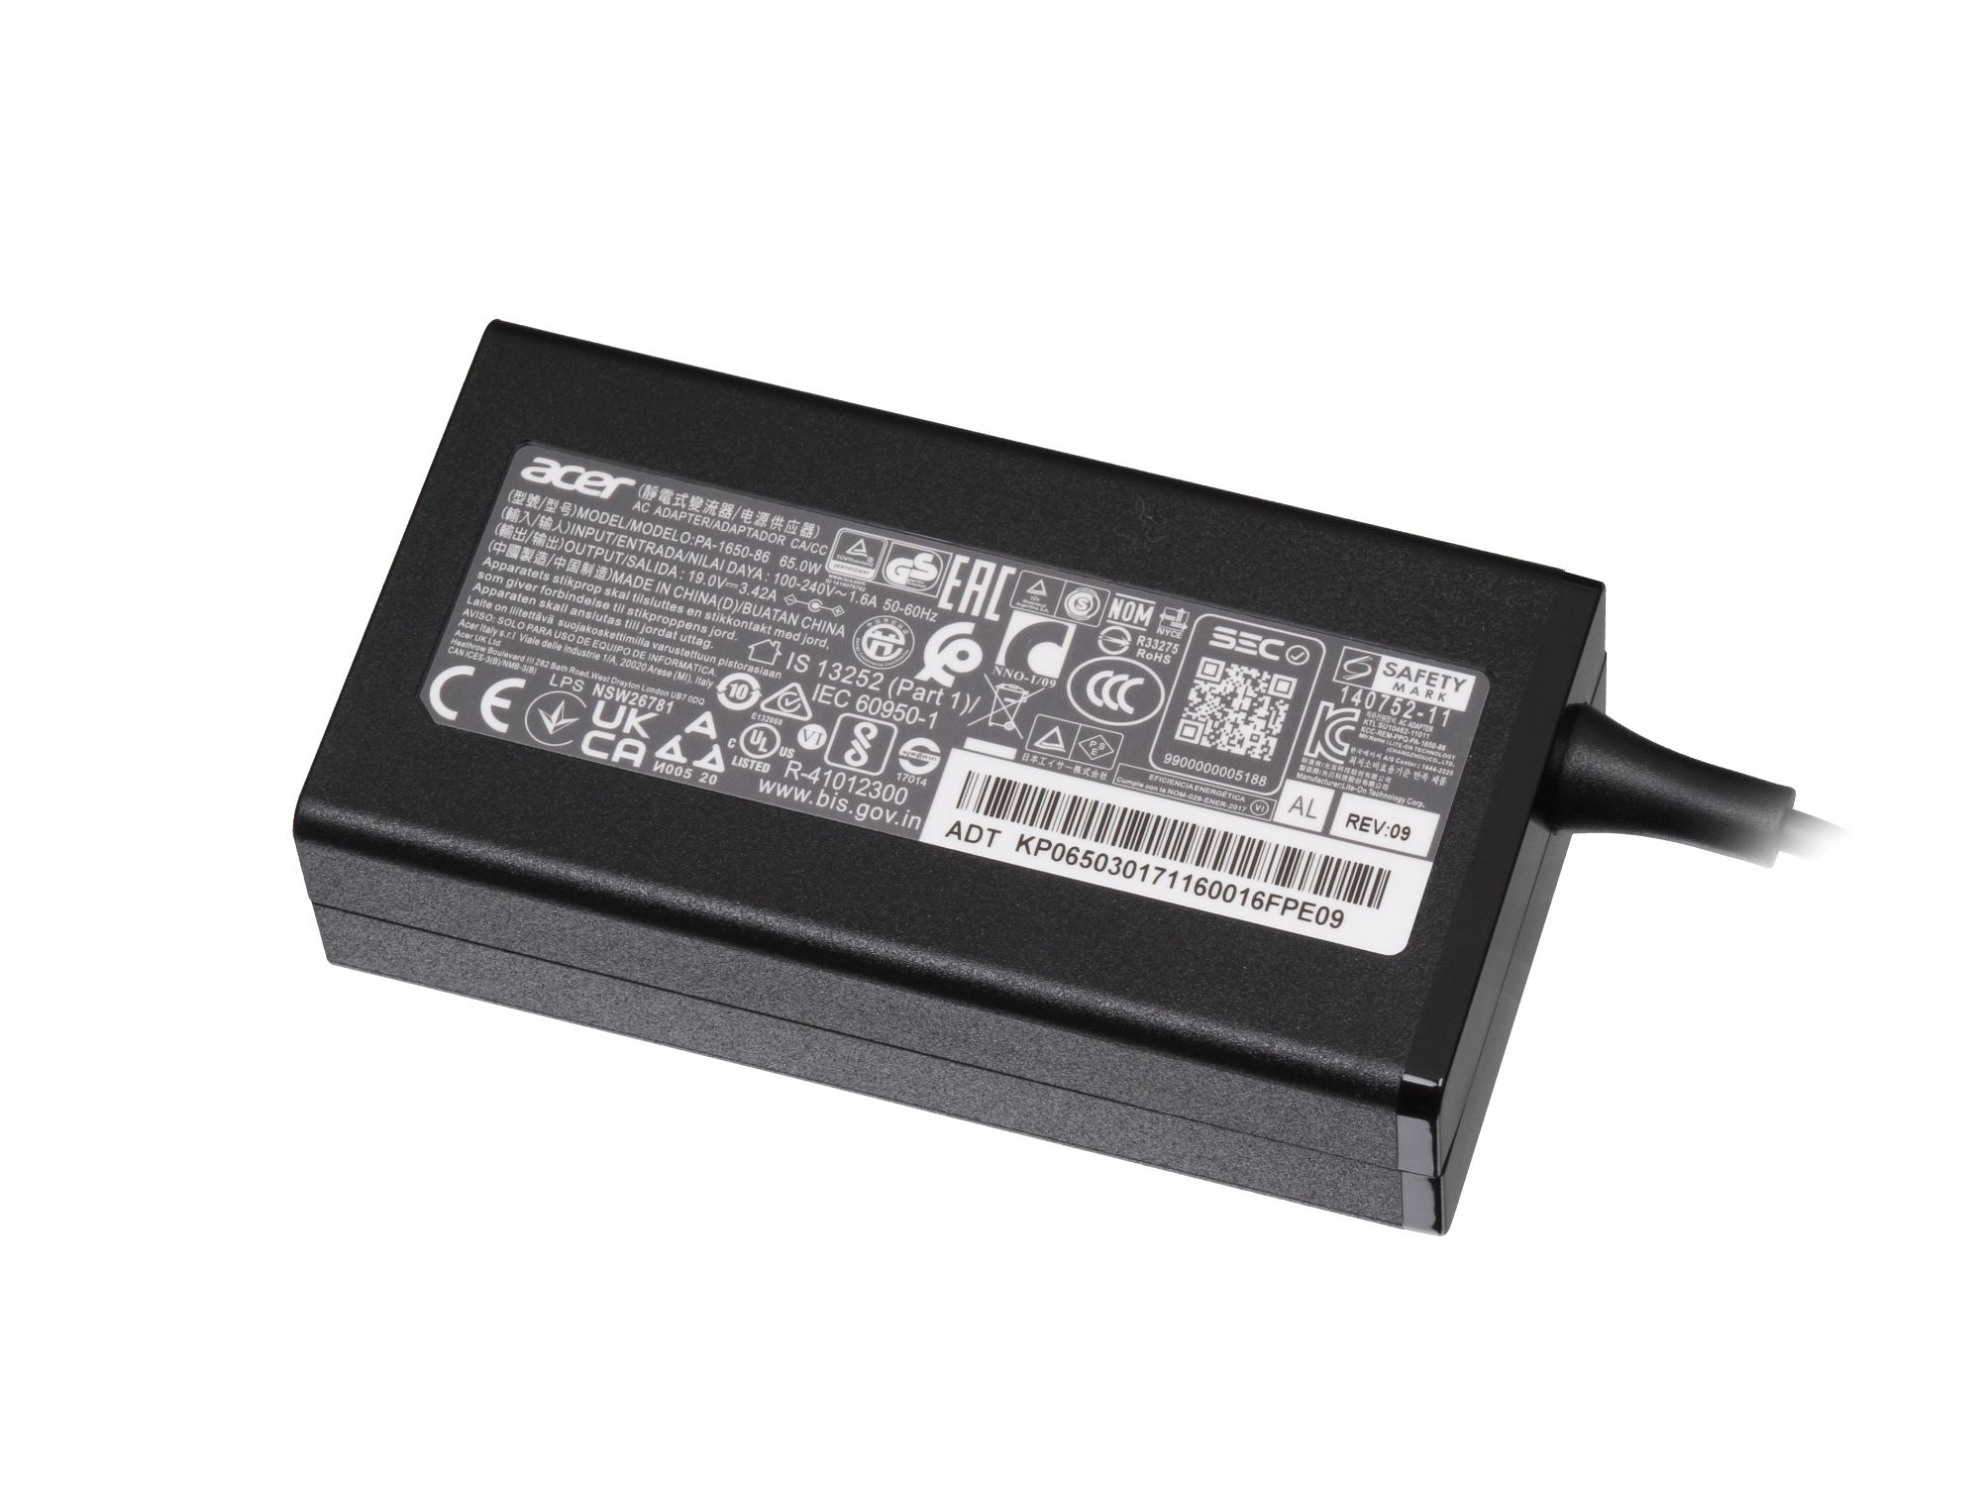 Netzteil Acer Aspire 7250-E454G50Mikk